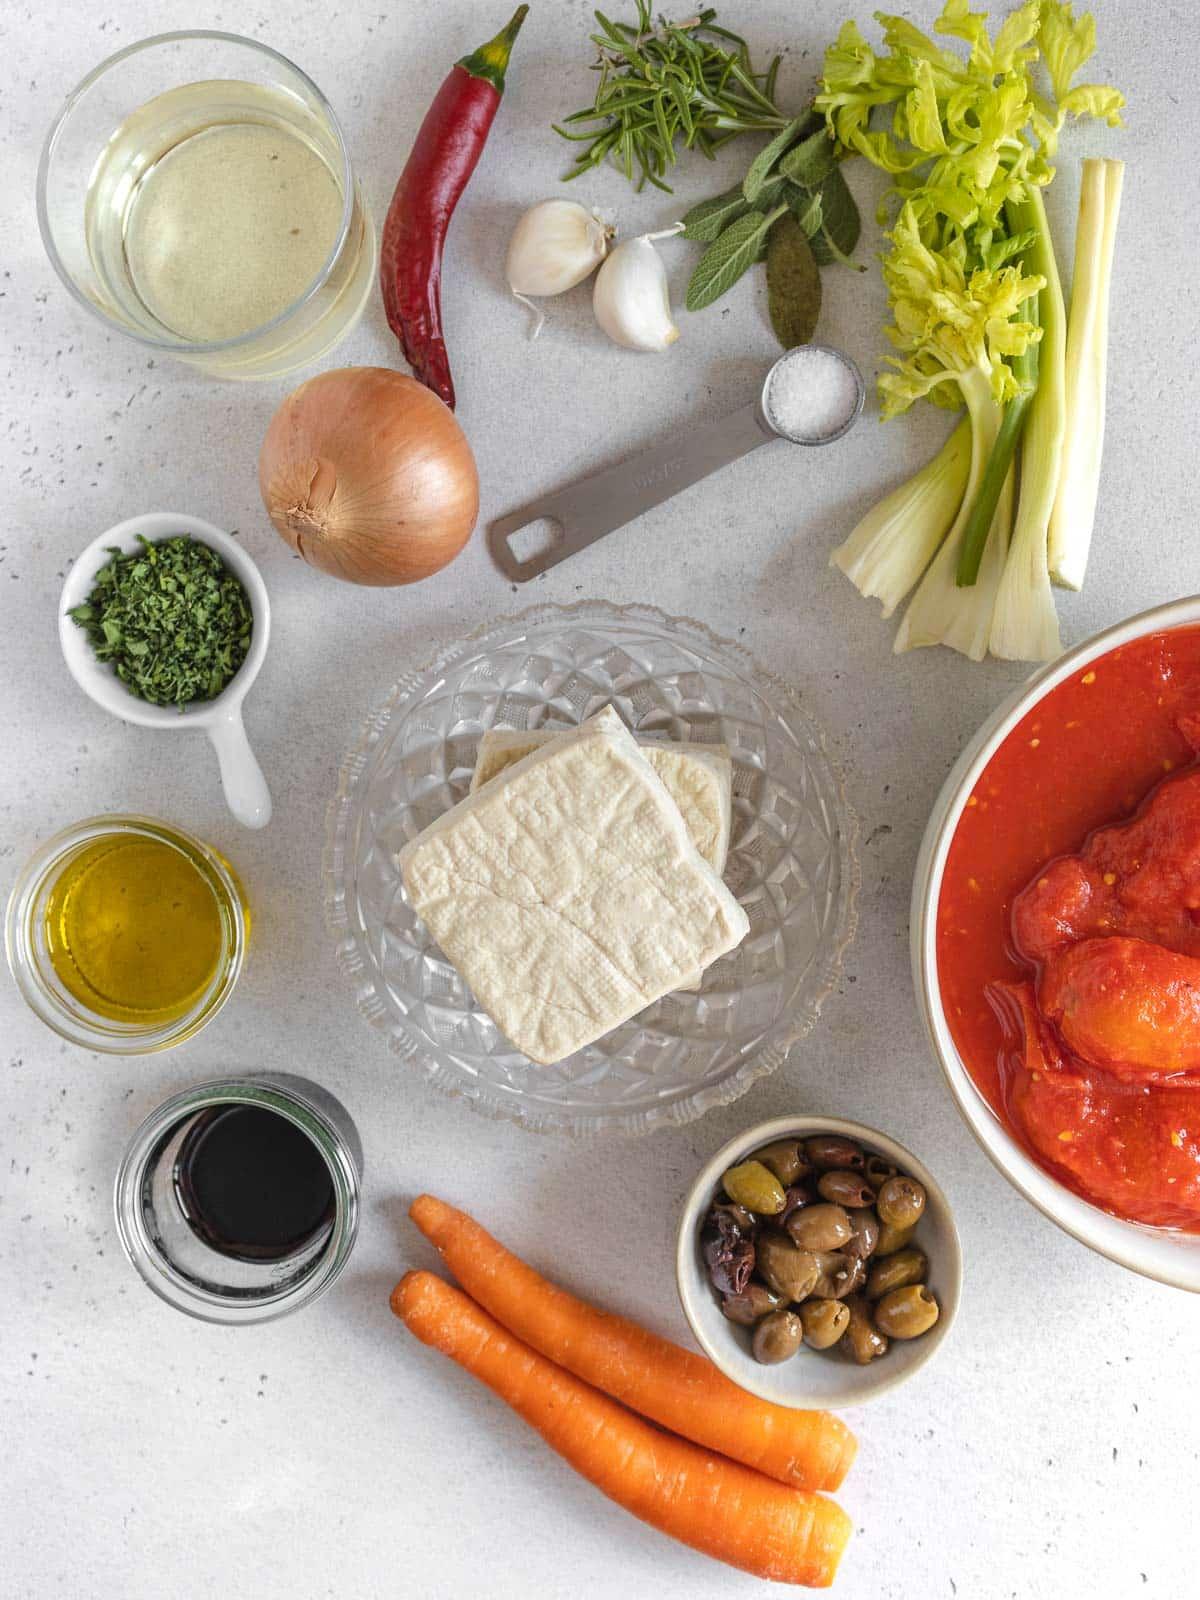 ingredients for tofu cacciatore